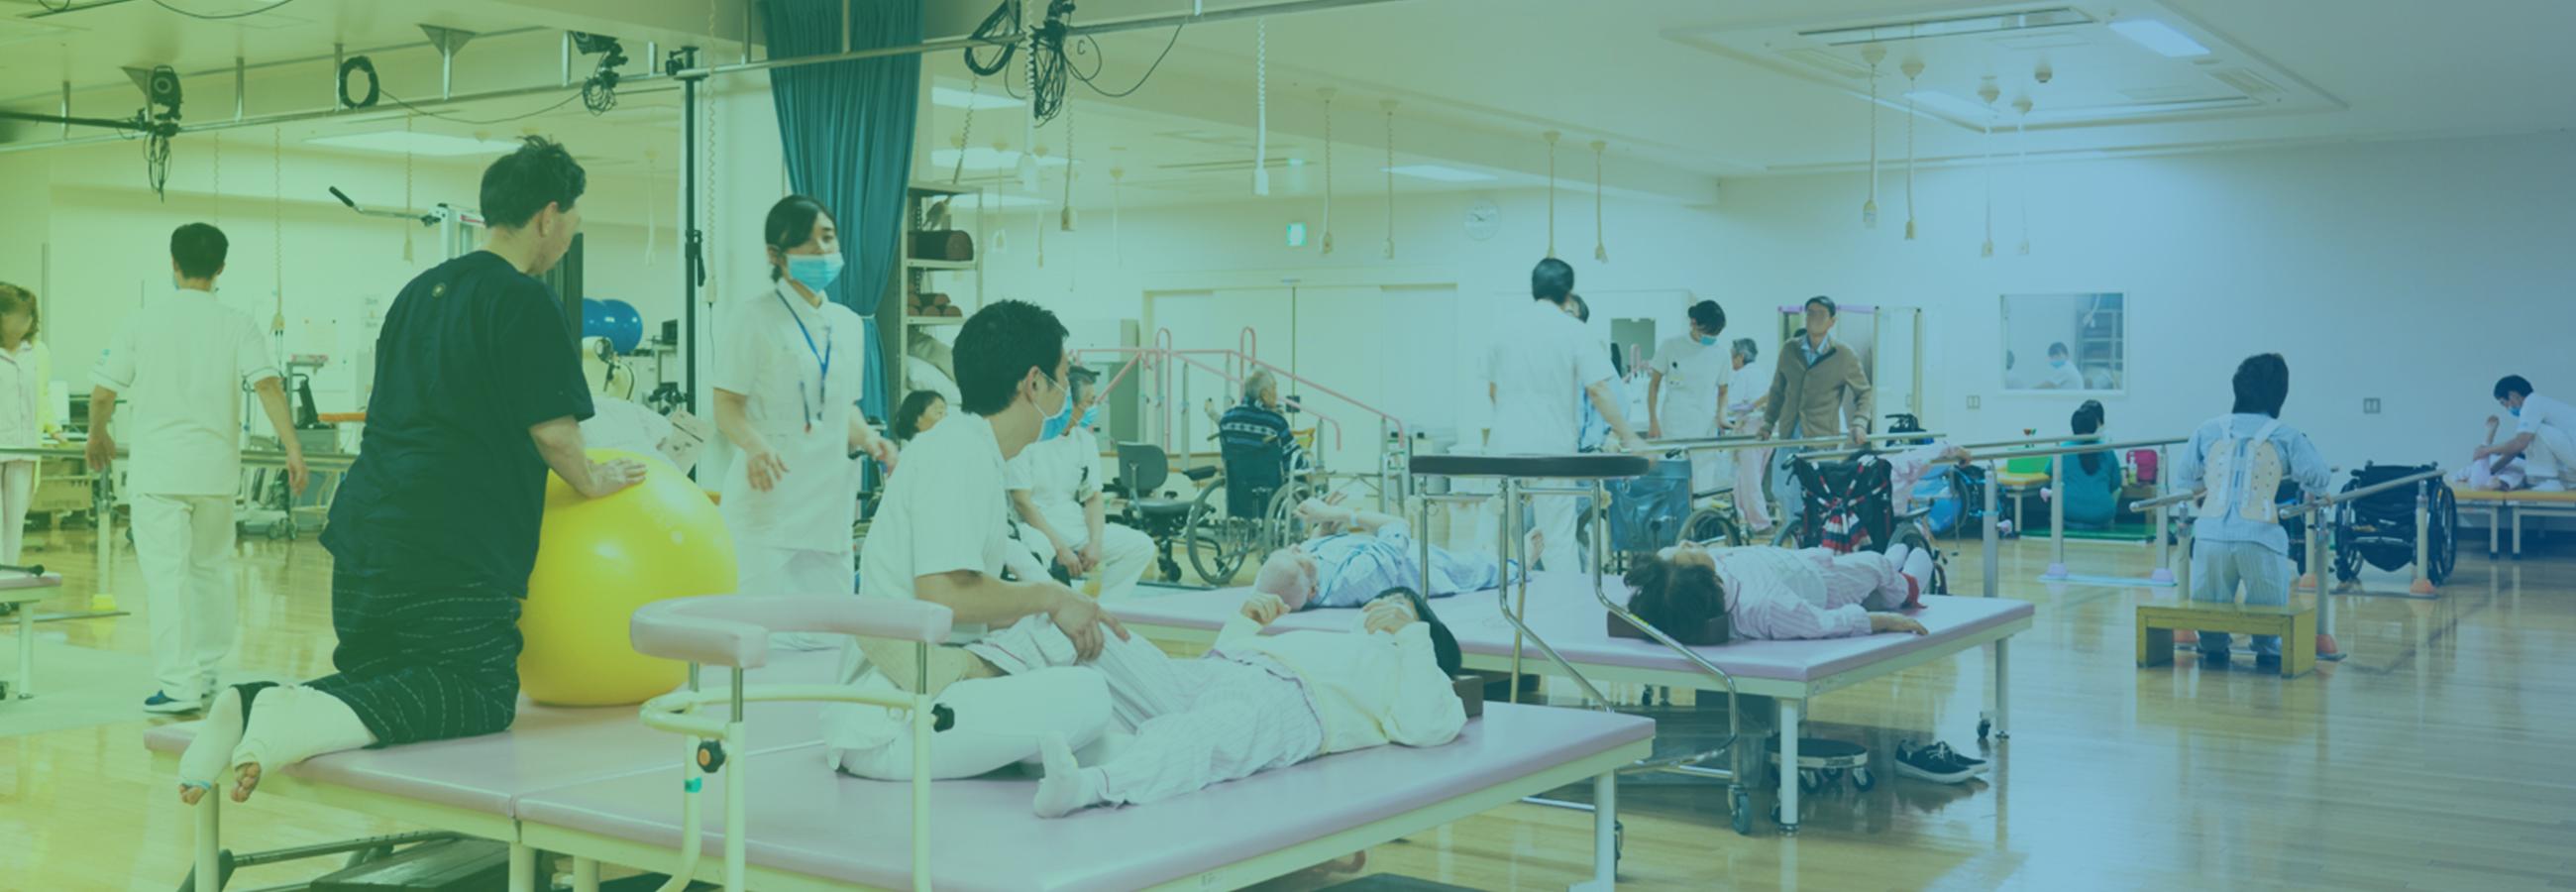 東京大学リハビリテーション科・部:院内の様子4